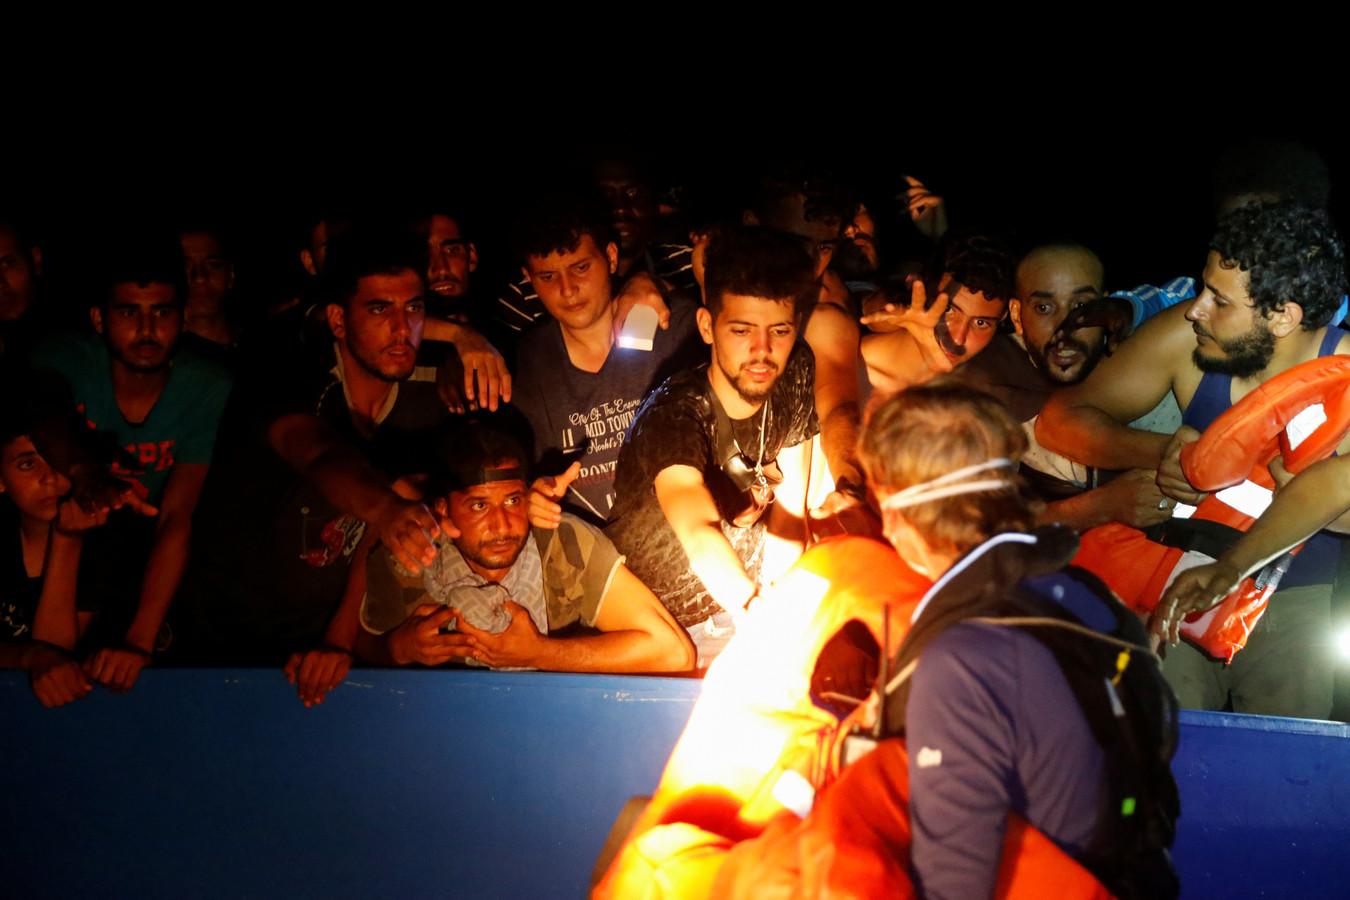 Een bemanningslid van het schip Sea-Watch 3 verdeelt reddingsvesten onder migranten op een overvolle houten boot gedurende een reddingsoperatie voor de kust van Tunesië.